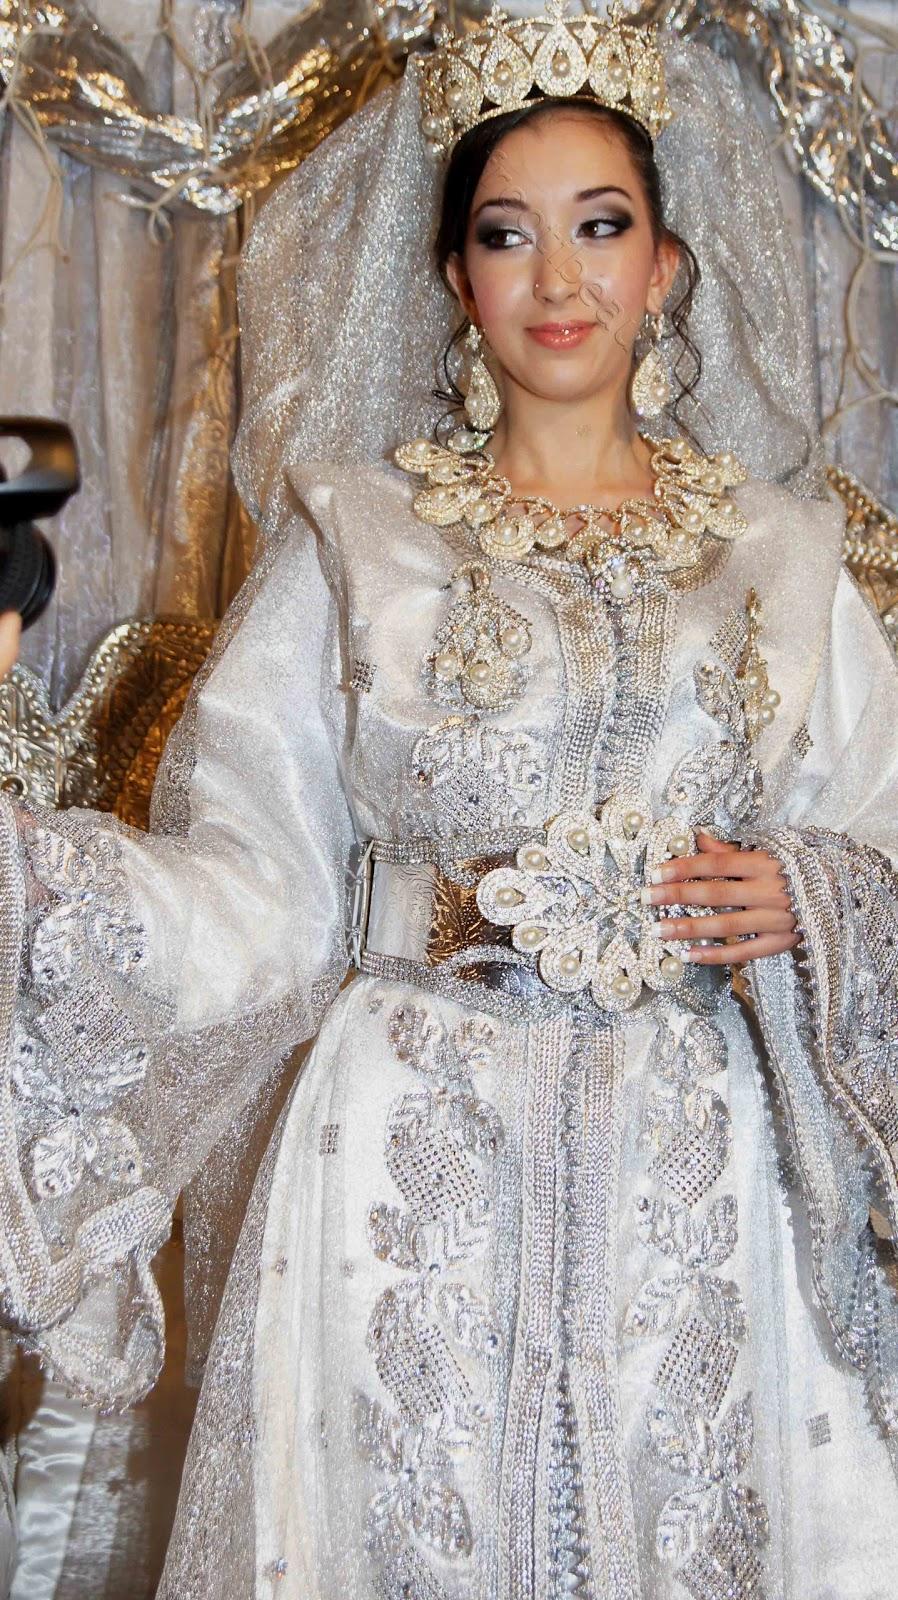 bvlgari wedding ring picture